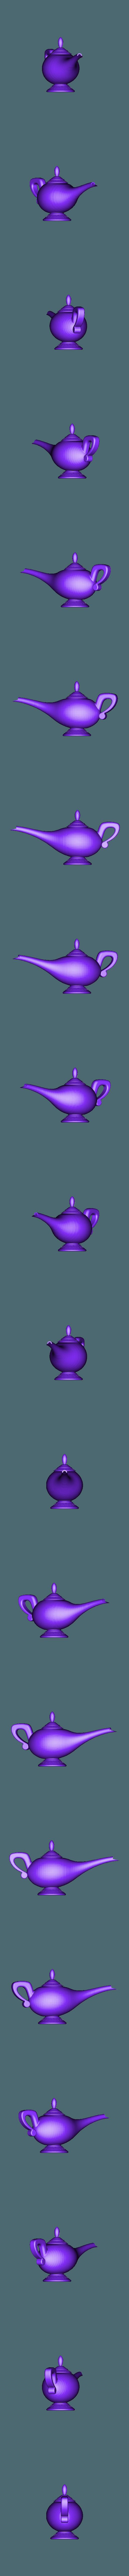 lampara.obj Download free OBJ file Lamp Genius Aladdin • 3D printing model, MundoFriki3D